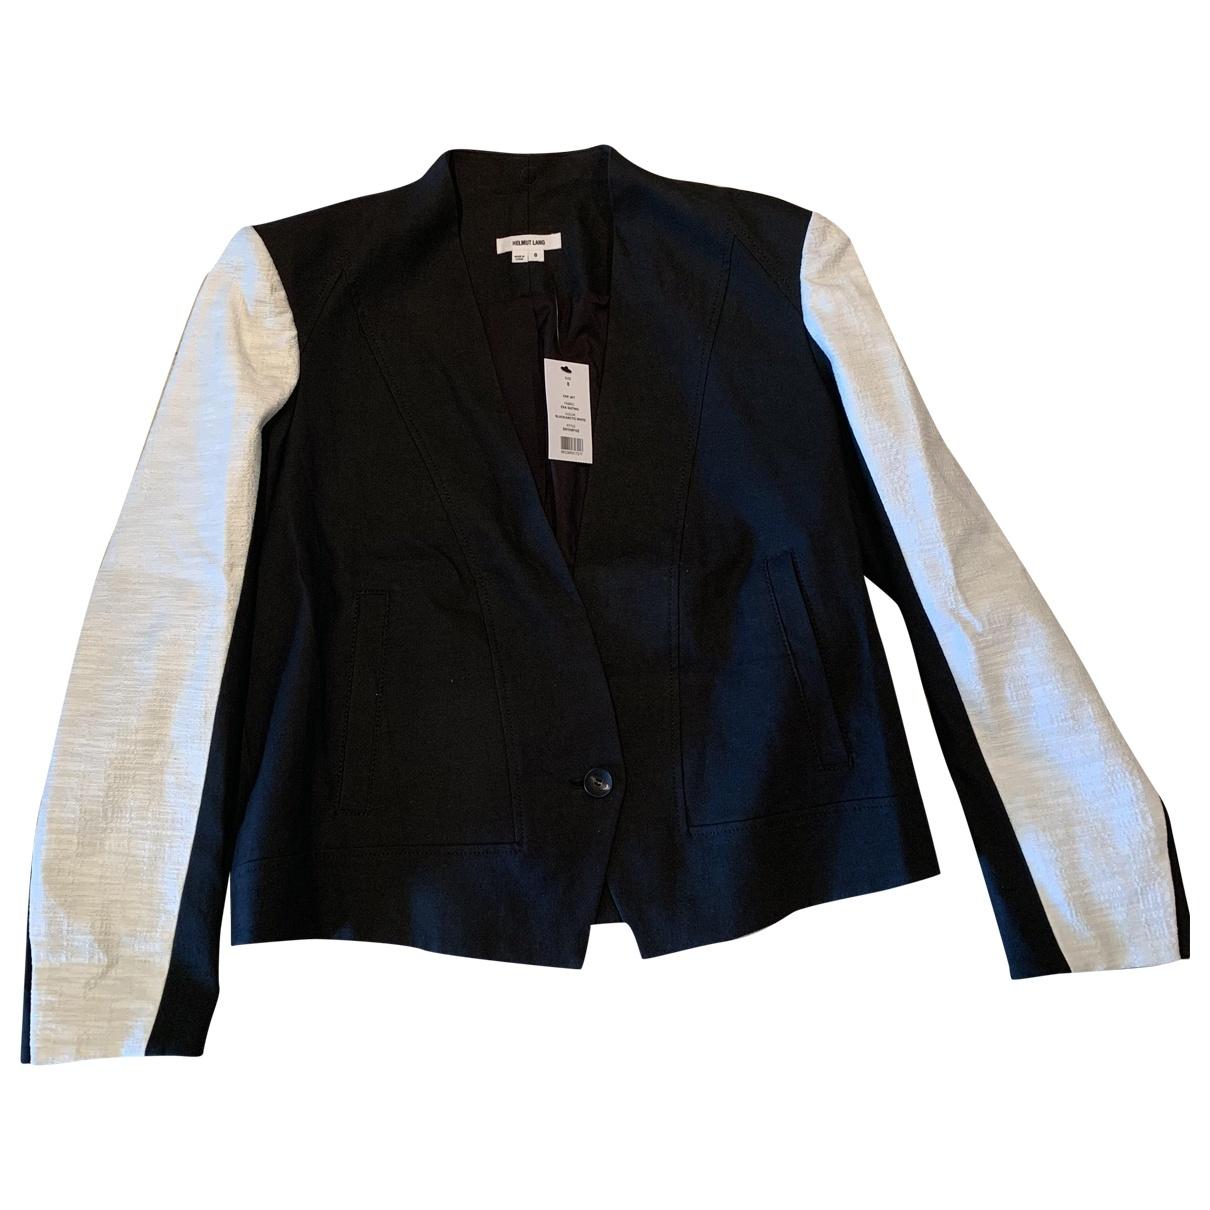 Helmut Lang \N Black Cotton jacket for Women 8 US